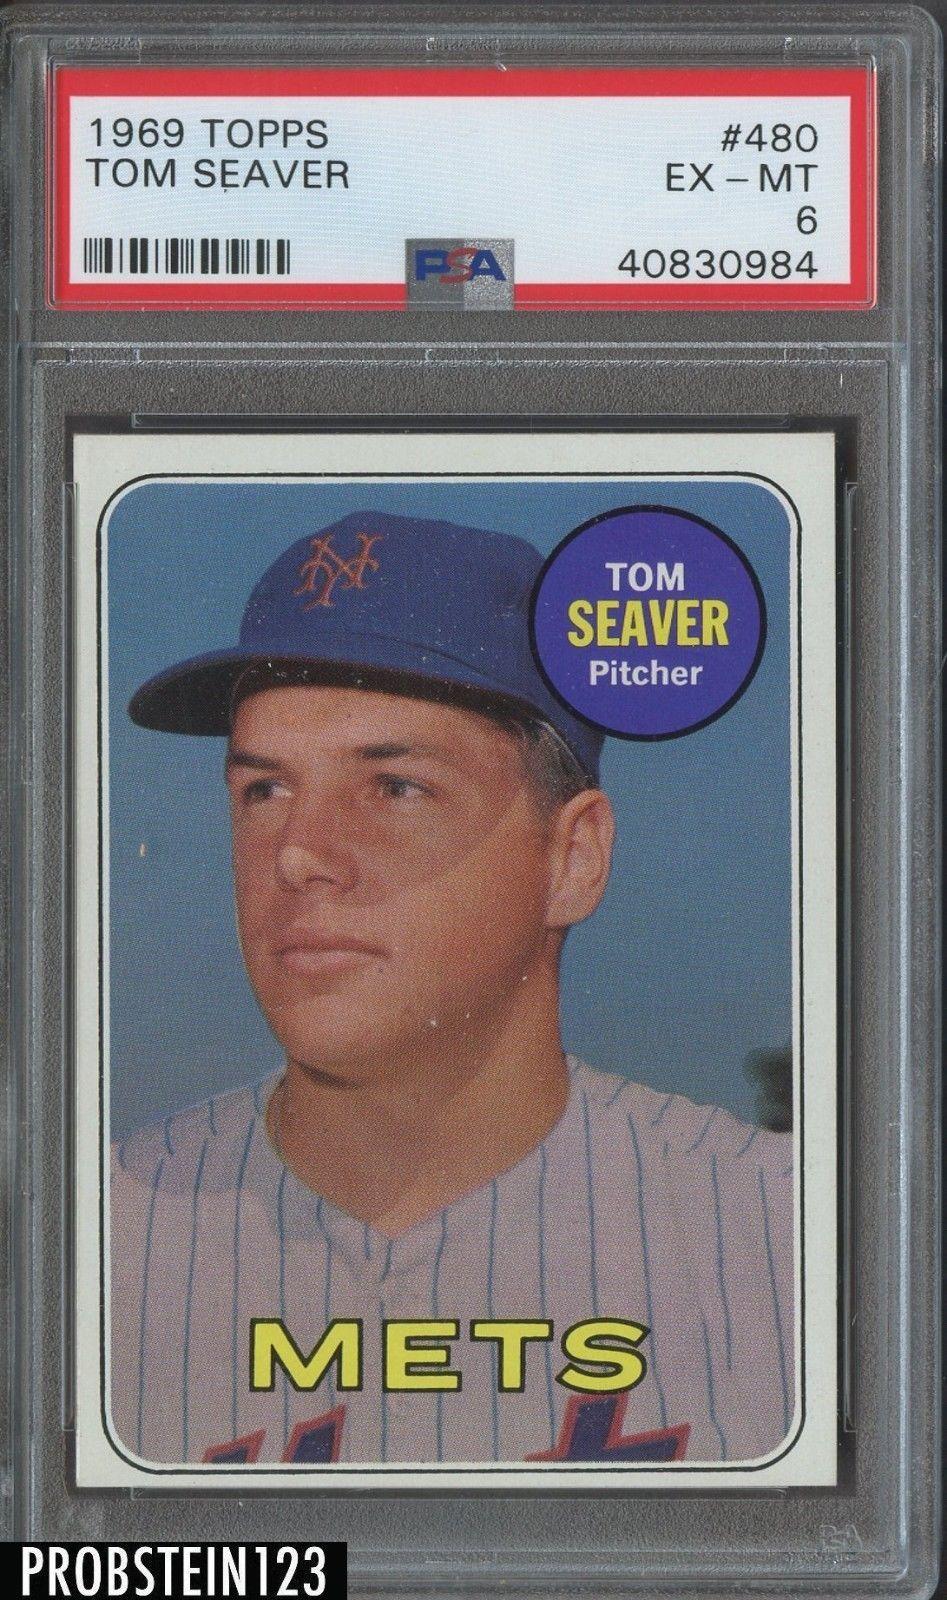 1969 Topps 480 Tom Seaver Hof Mets Psa 6 Ex Mint Baseballcards